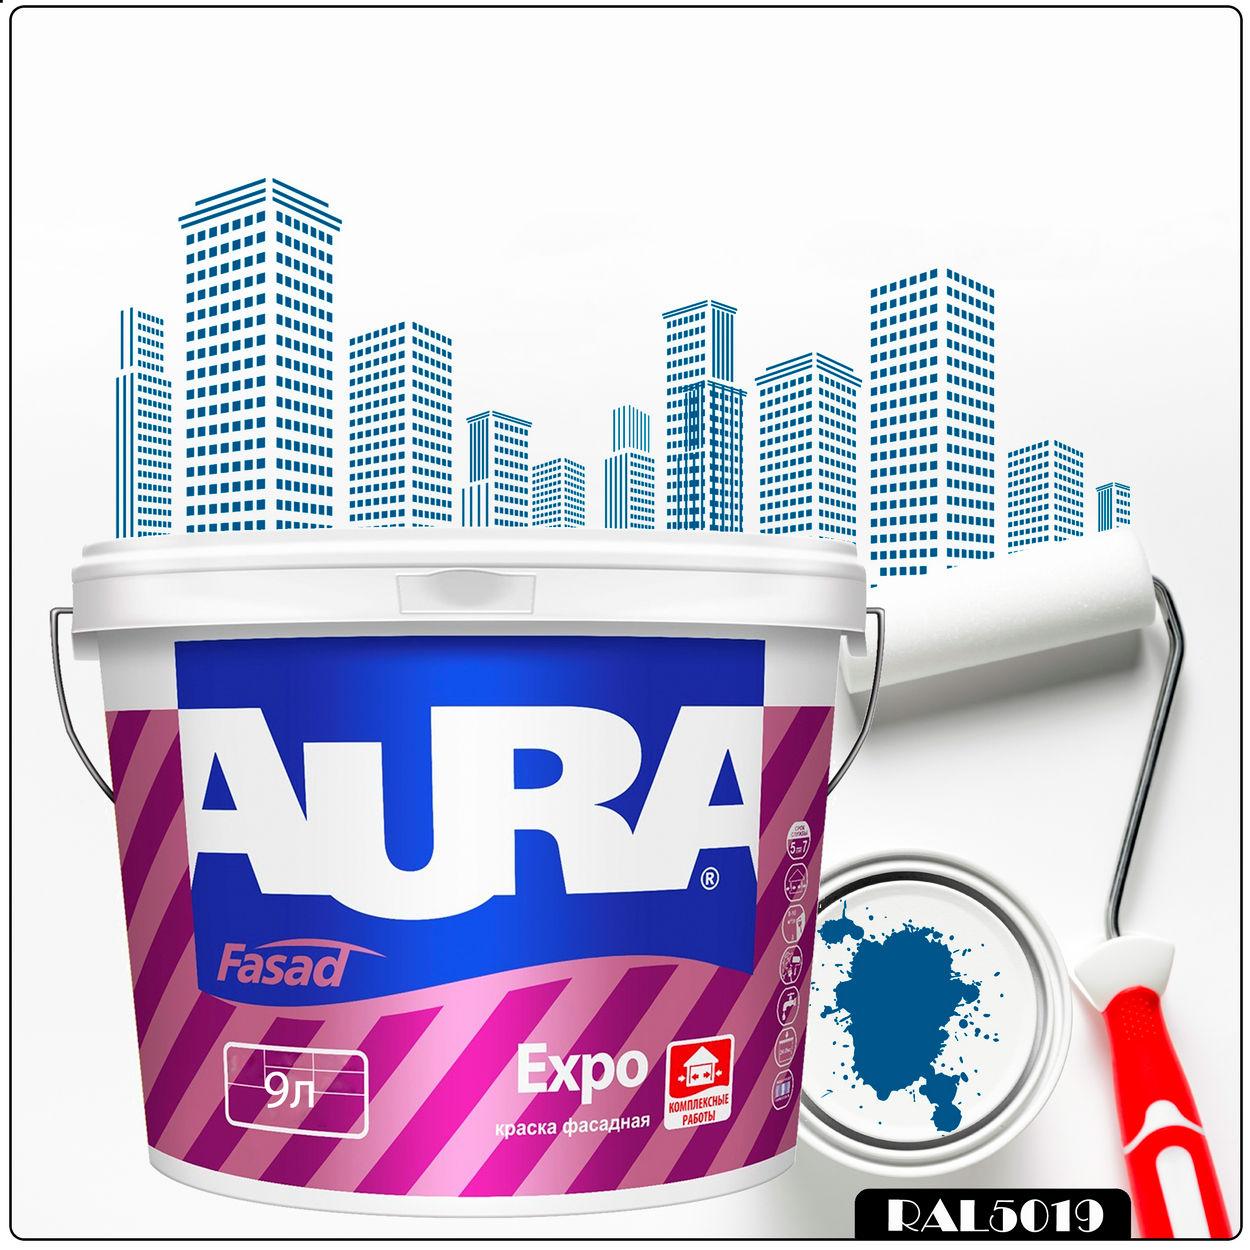 Фото 18 - Краска Aura Fasad Expo, RAL 5019 Синий, матовая, для фасадов и помещений с повышенной влажностью, 9л.